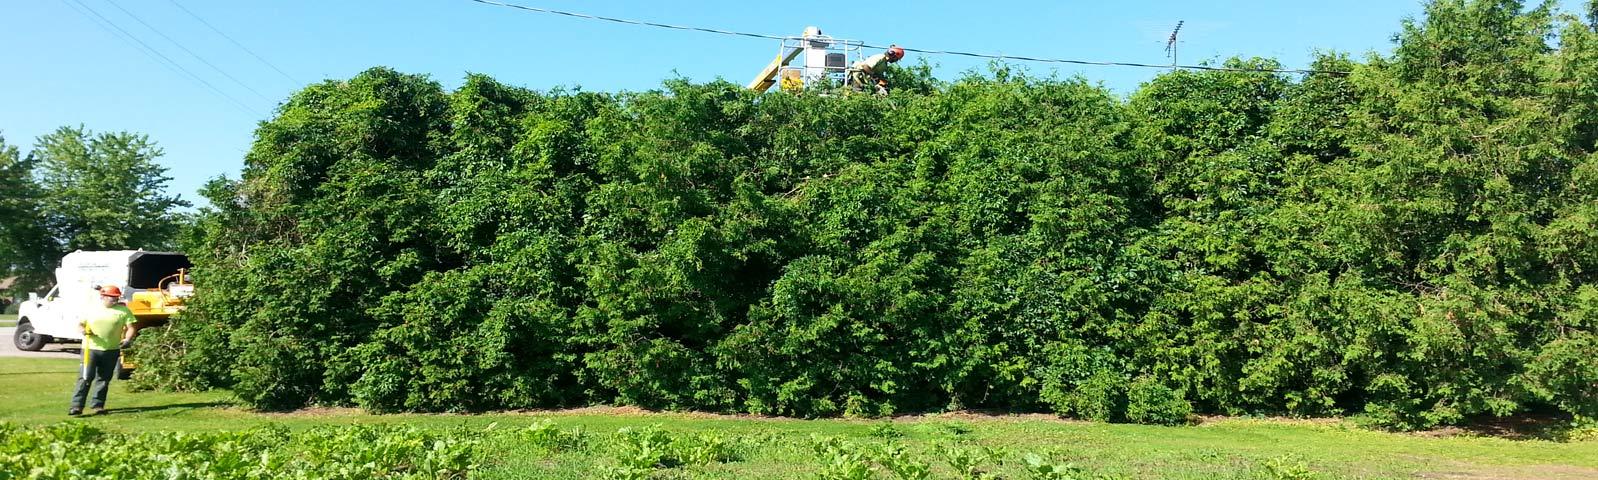 shrub-hedge-trimming.jpg